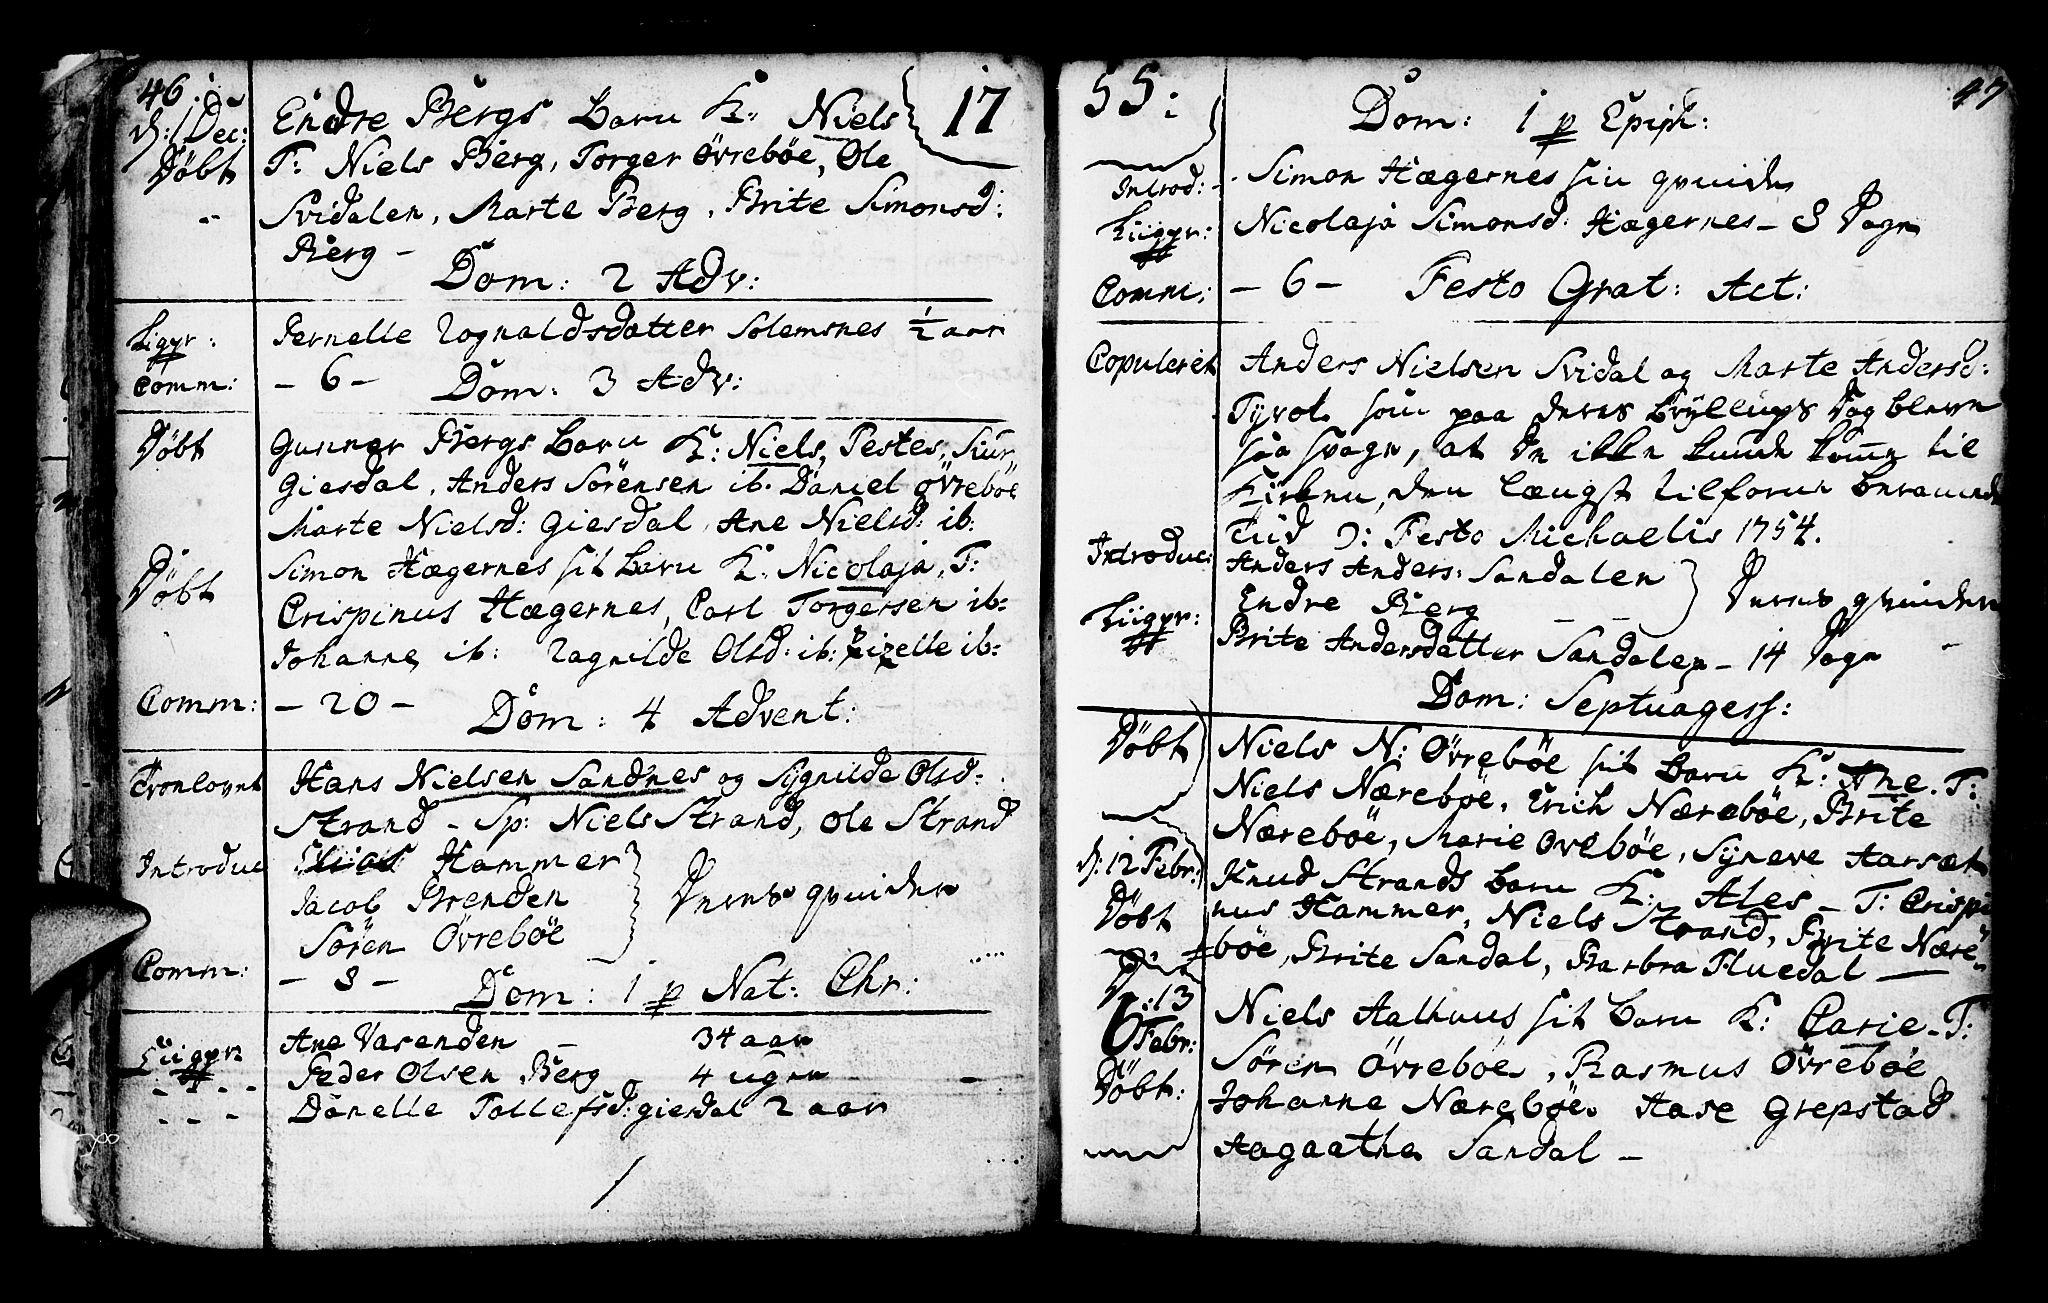 SAB, Jølster Sokneprestembete, Ministerialbok nr. A 3, 1748-1789, s. 46-47